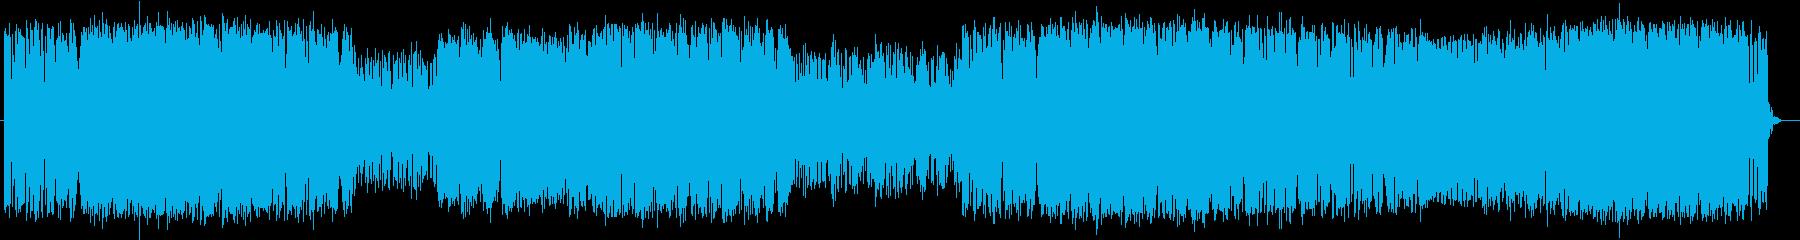 疾走感とシリアスなシンセサイザーサウンドの再生済みの波形